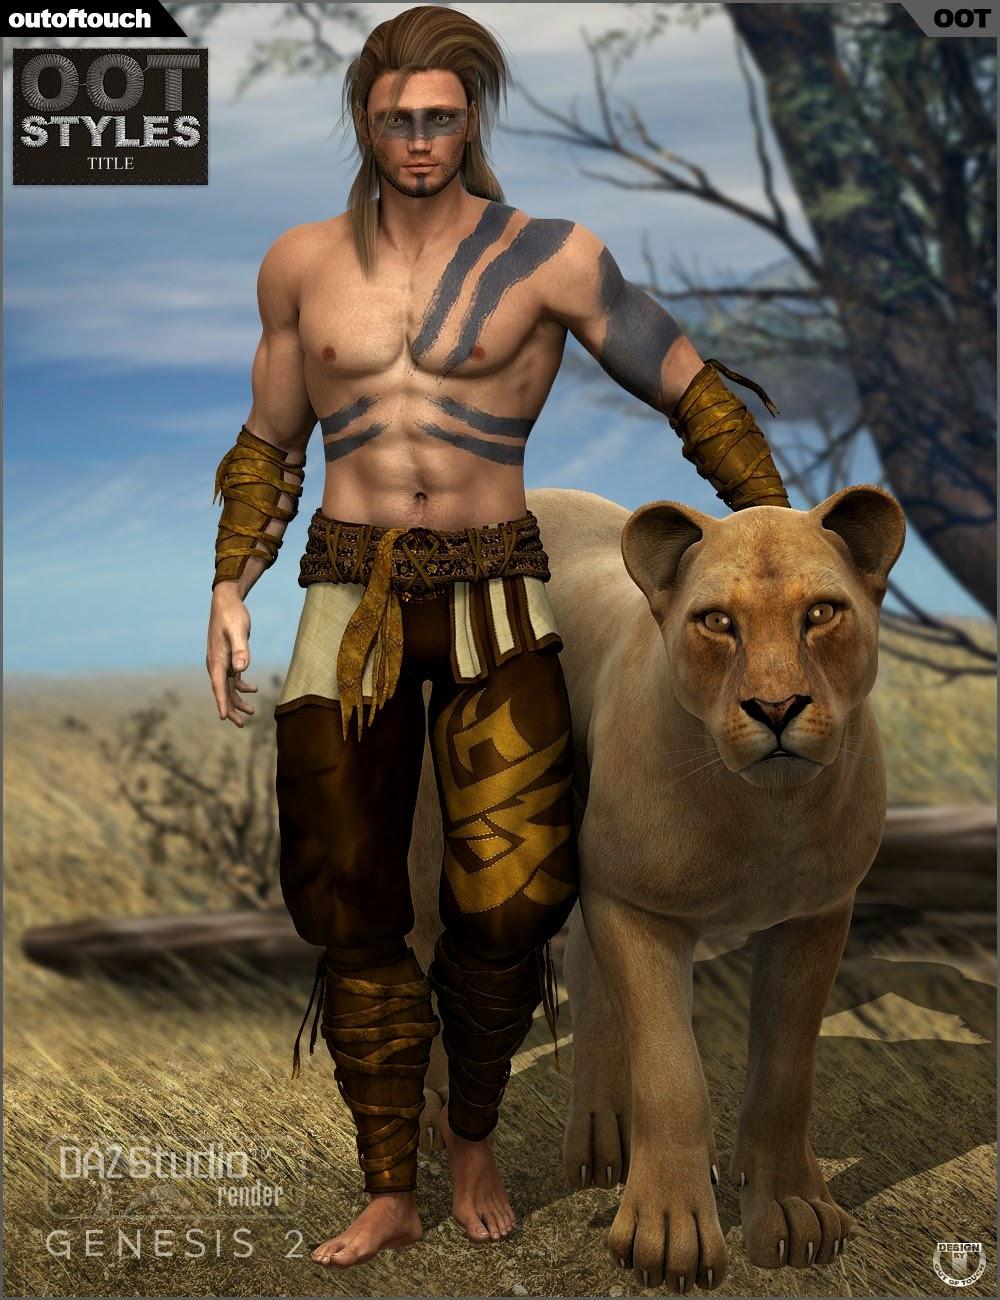 Styles de OOT pour la lutte contre Monk pour Genesis 2 Homme